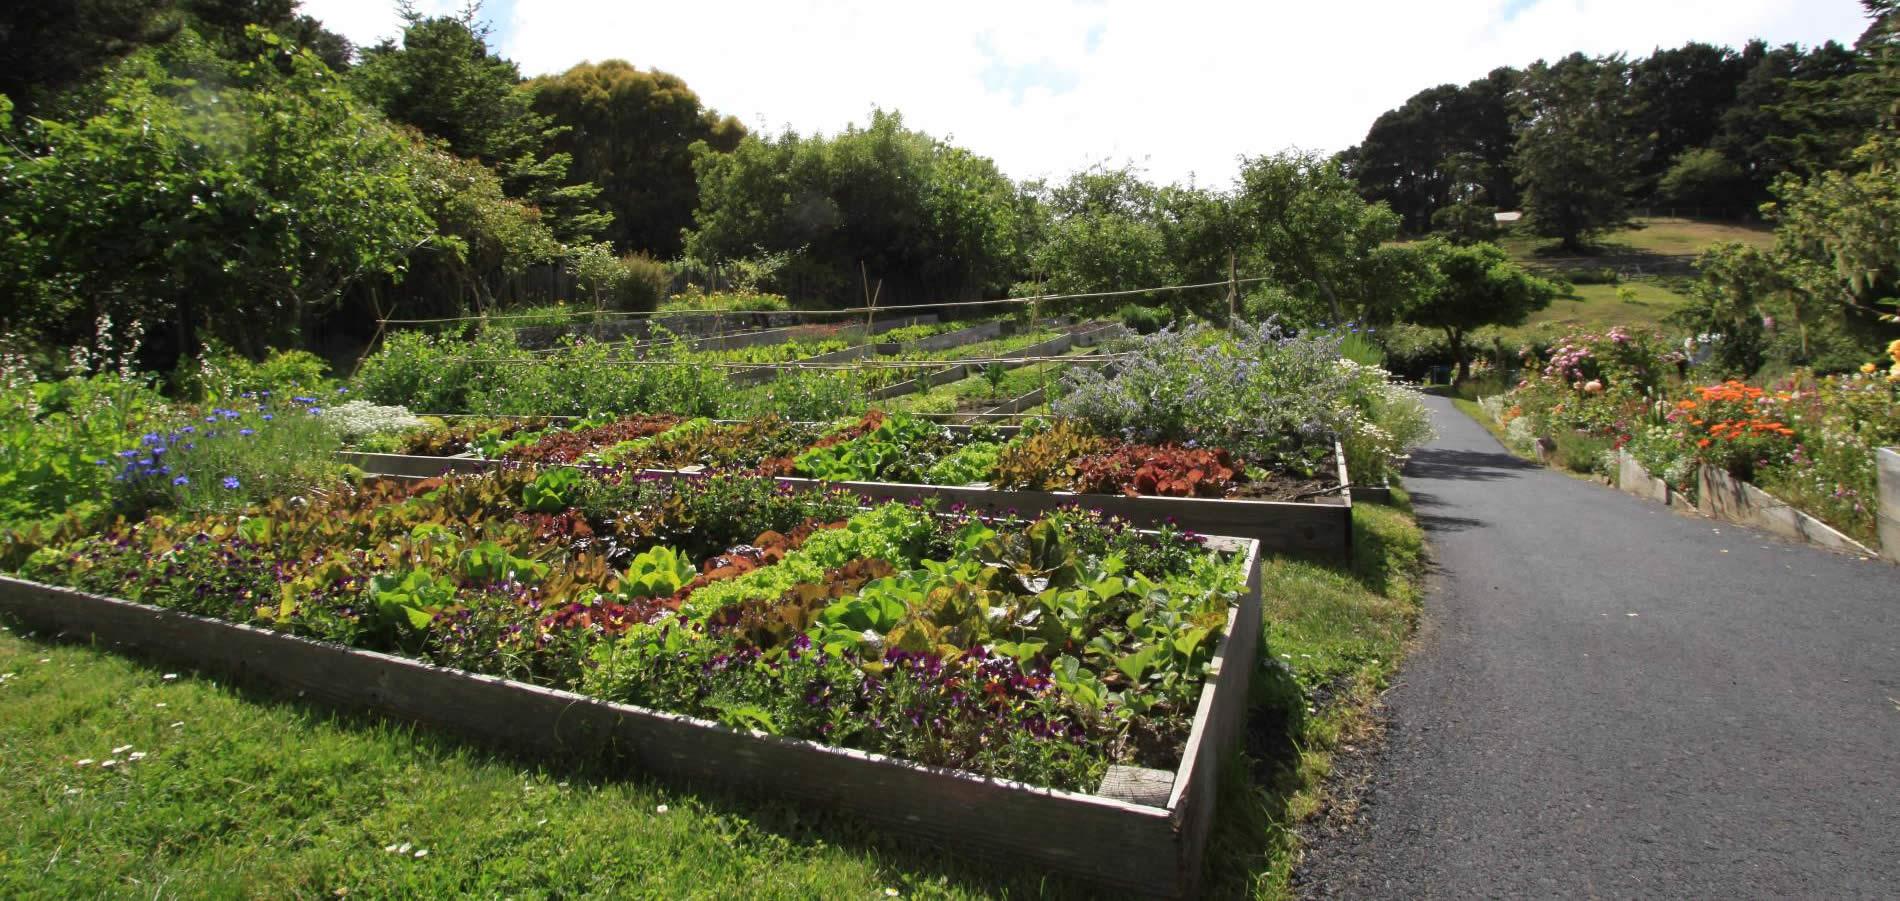 mendocino resort organic gardens overview